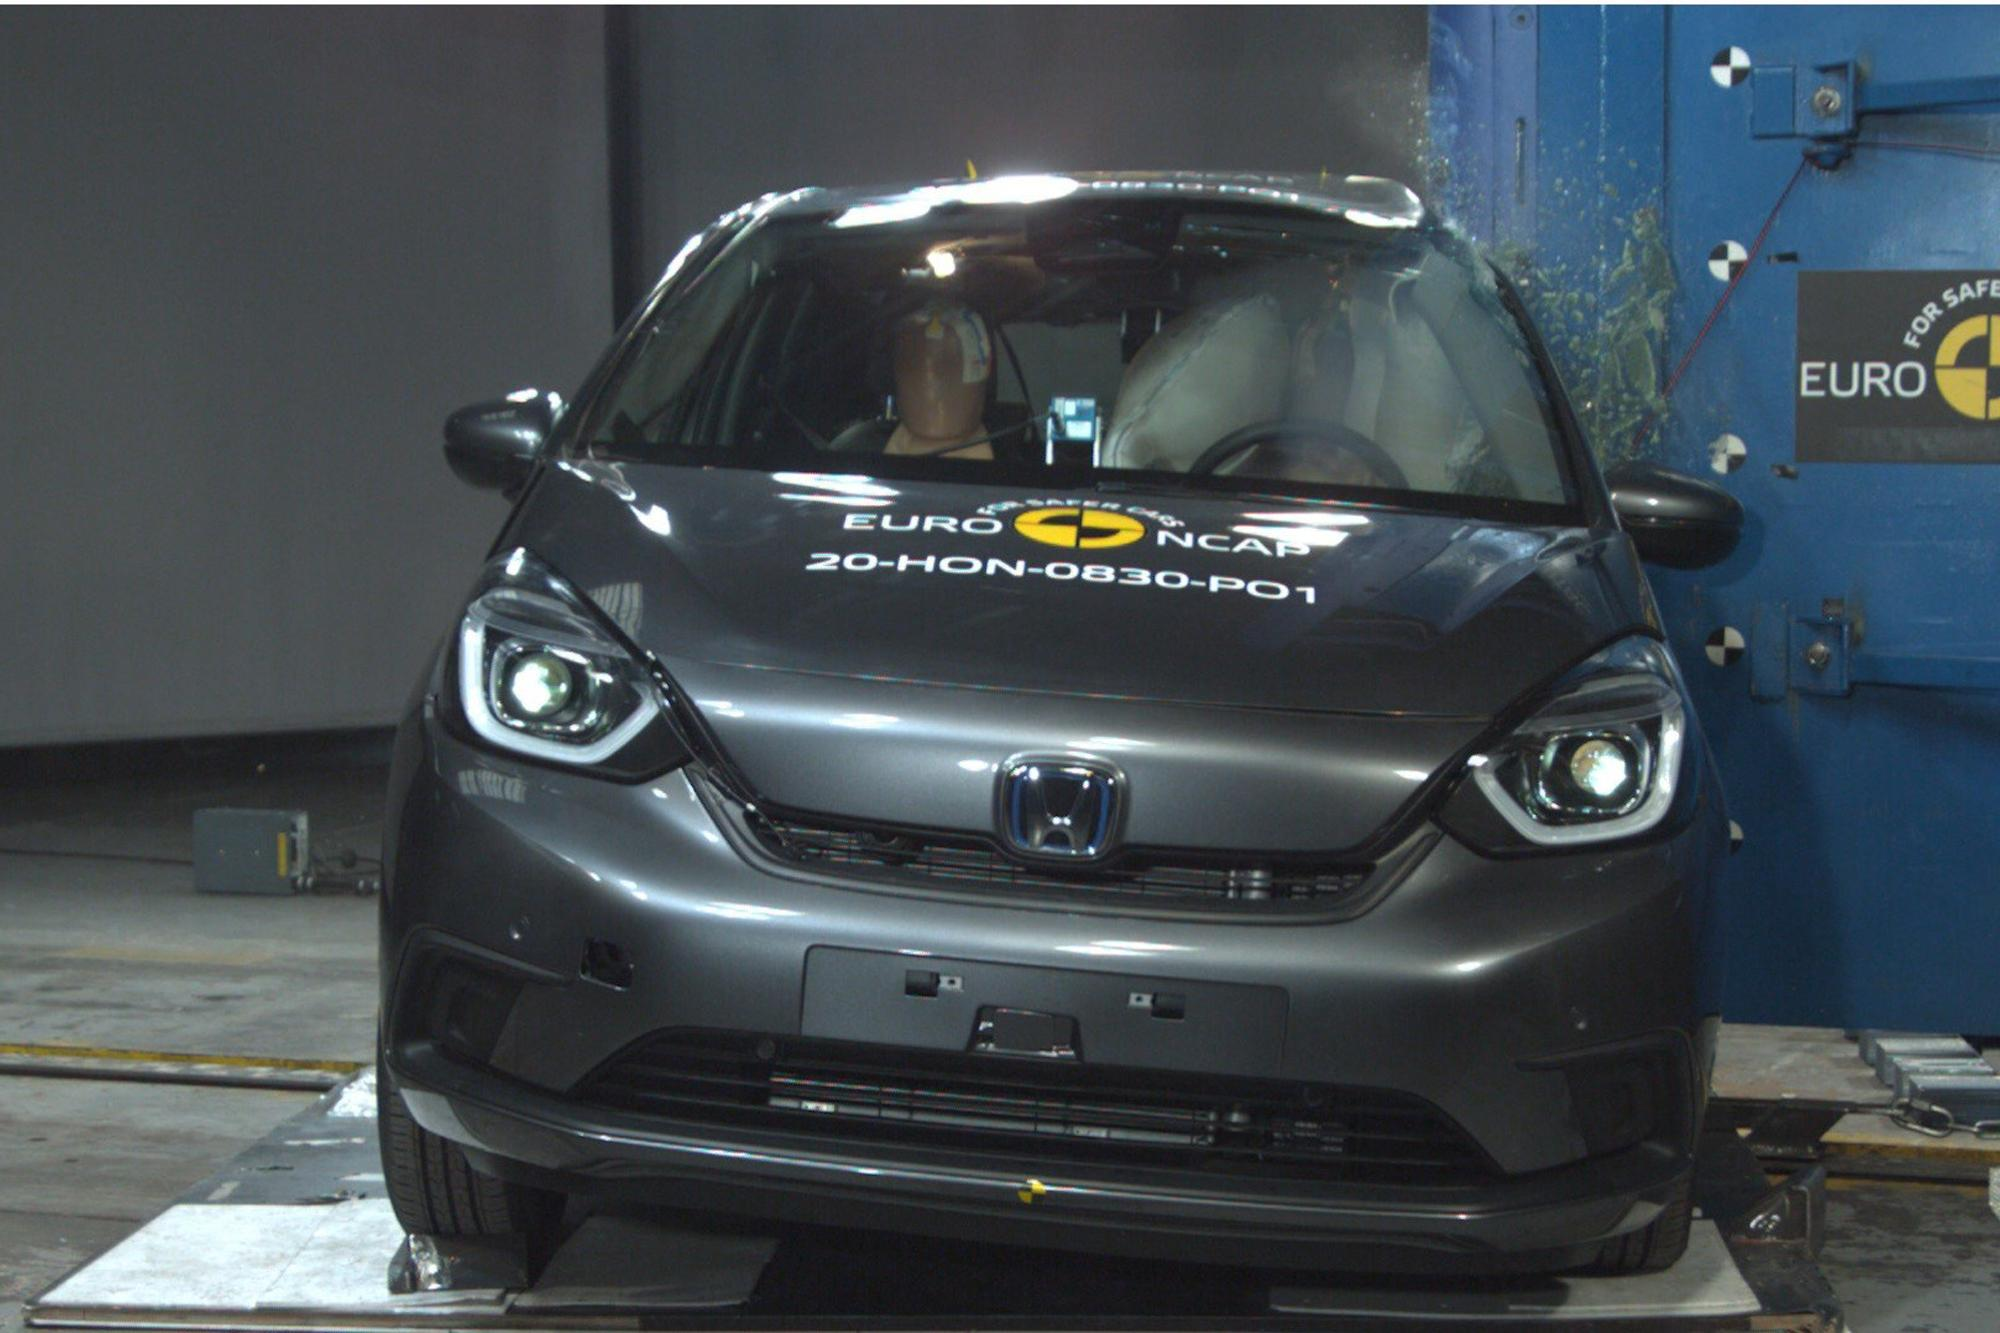 Πέντε αστέρια από τον NCAP για το νέο Honda Jazz e:HEV